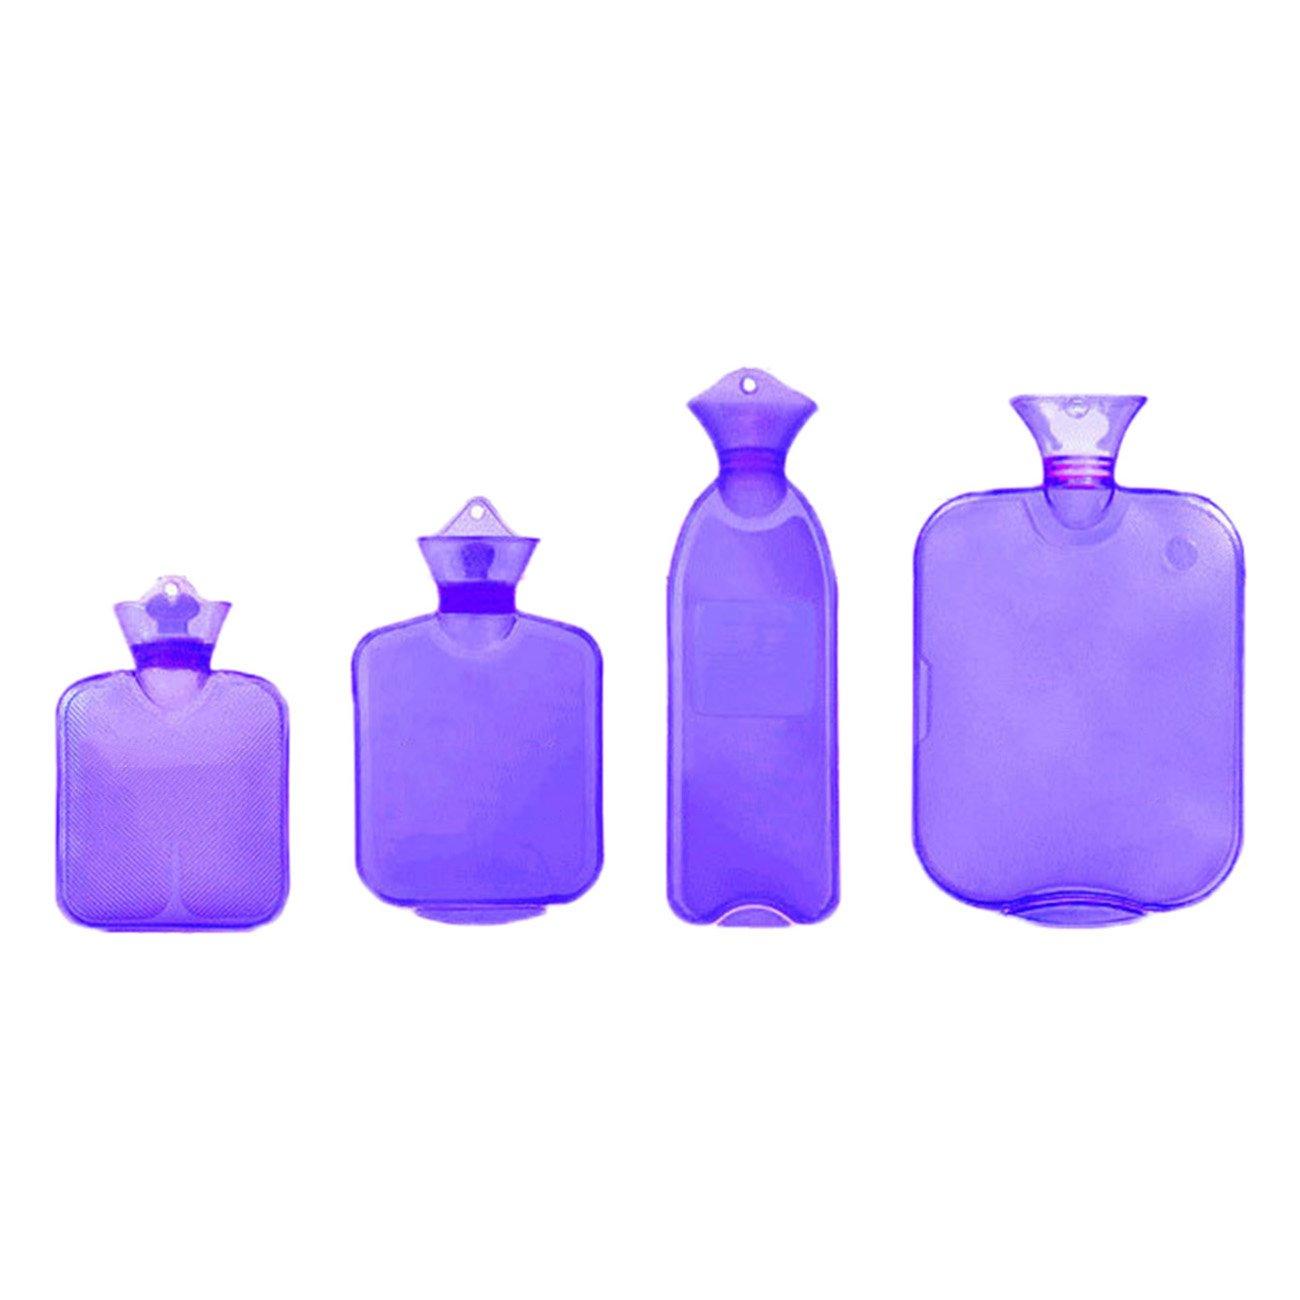 THEE 4pcs Set Hot Water Bottle Bag Transparent PVC